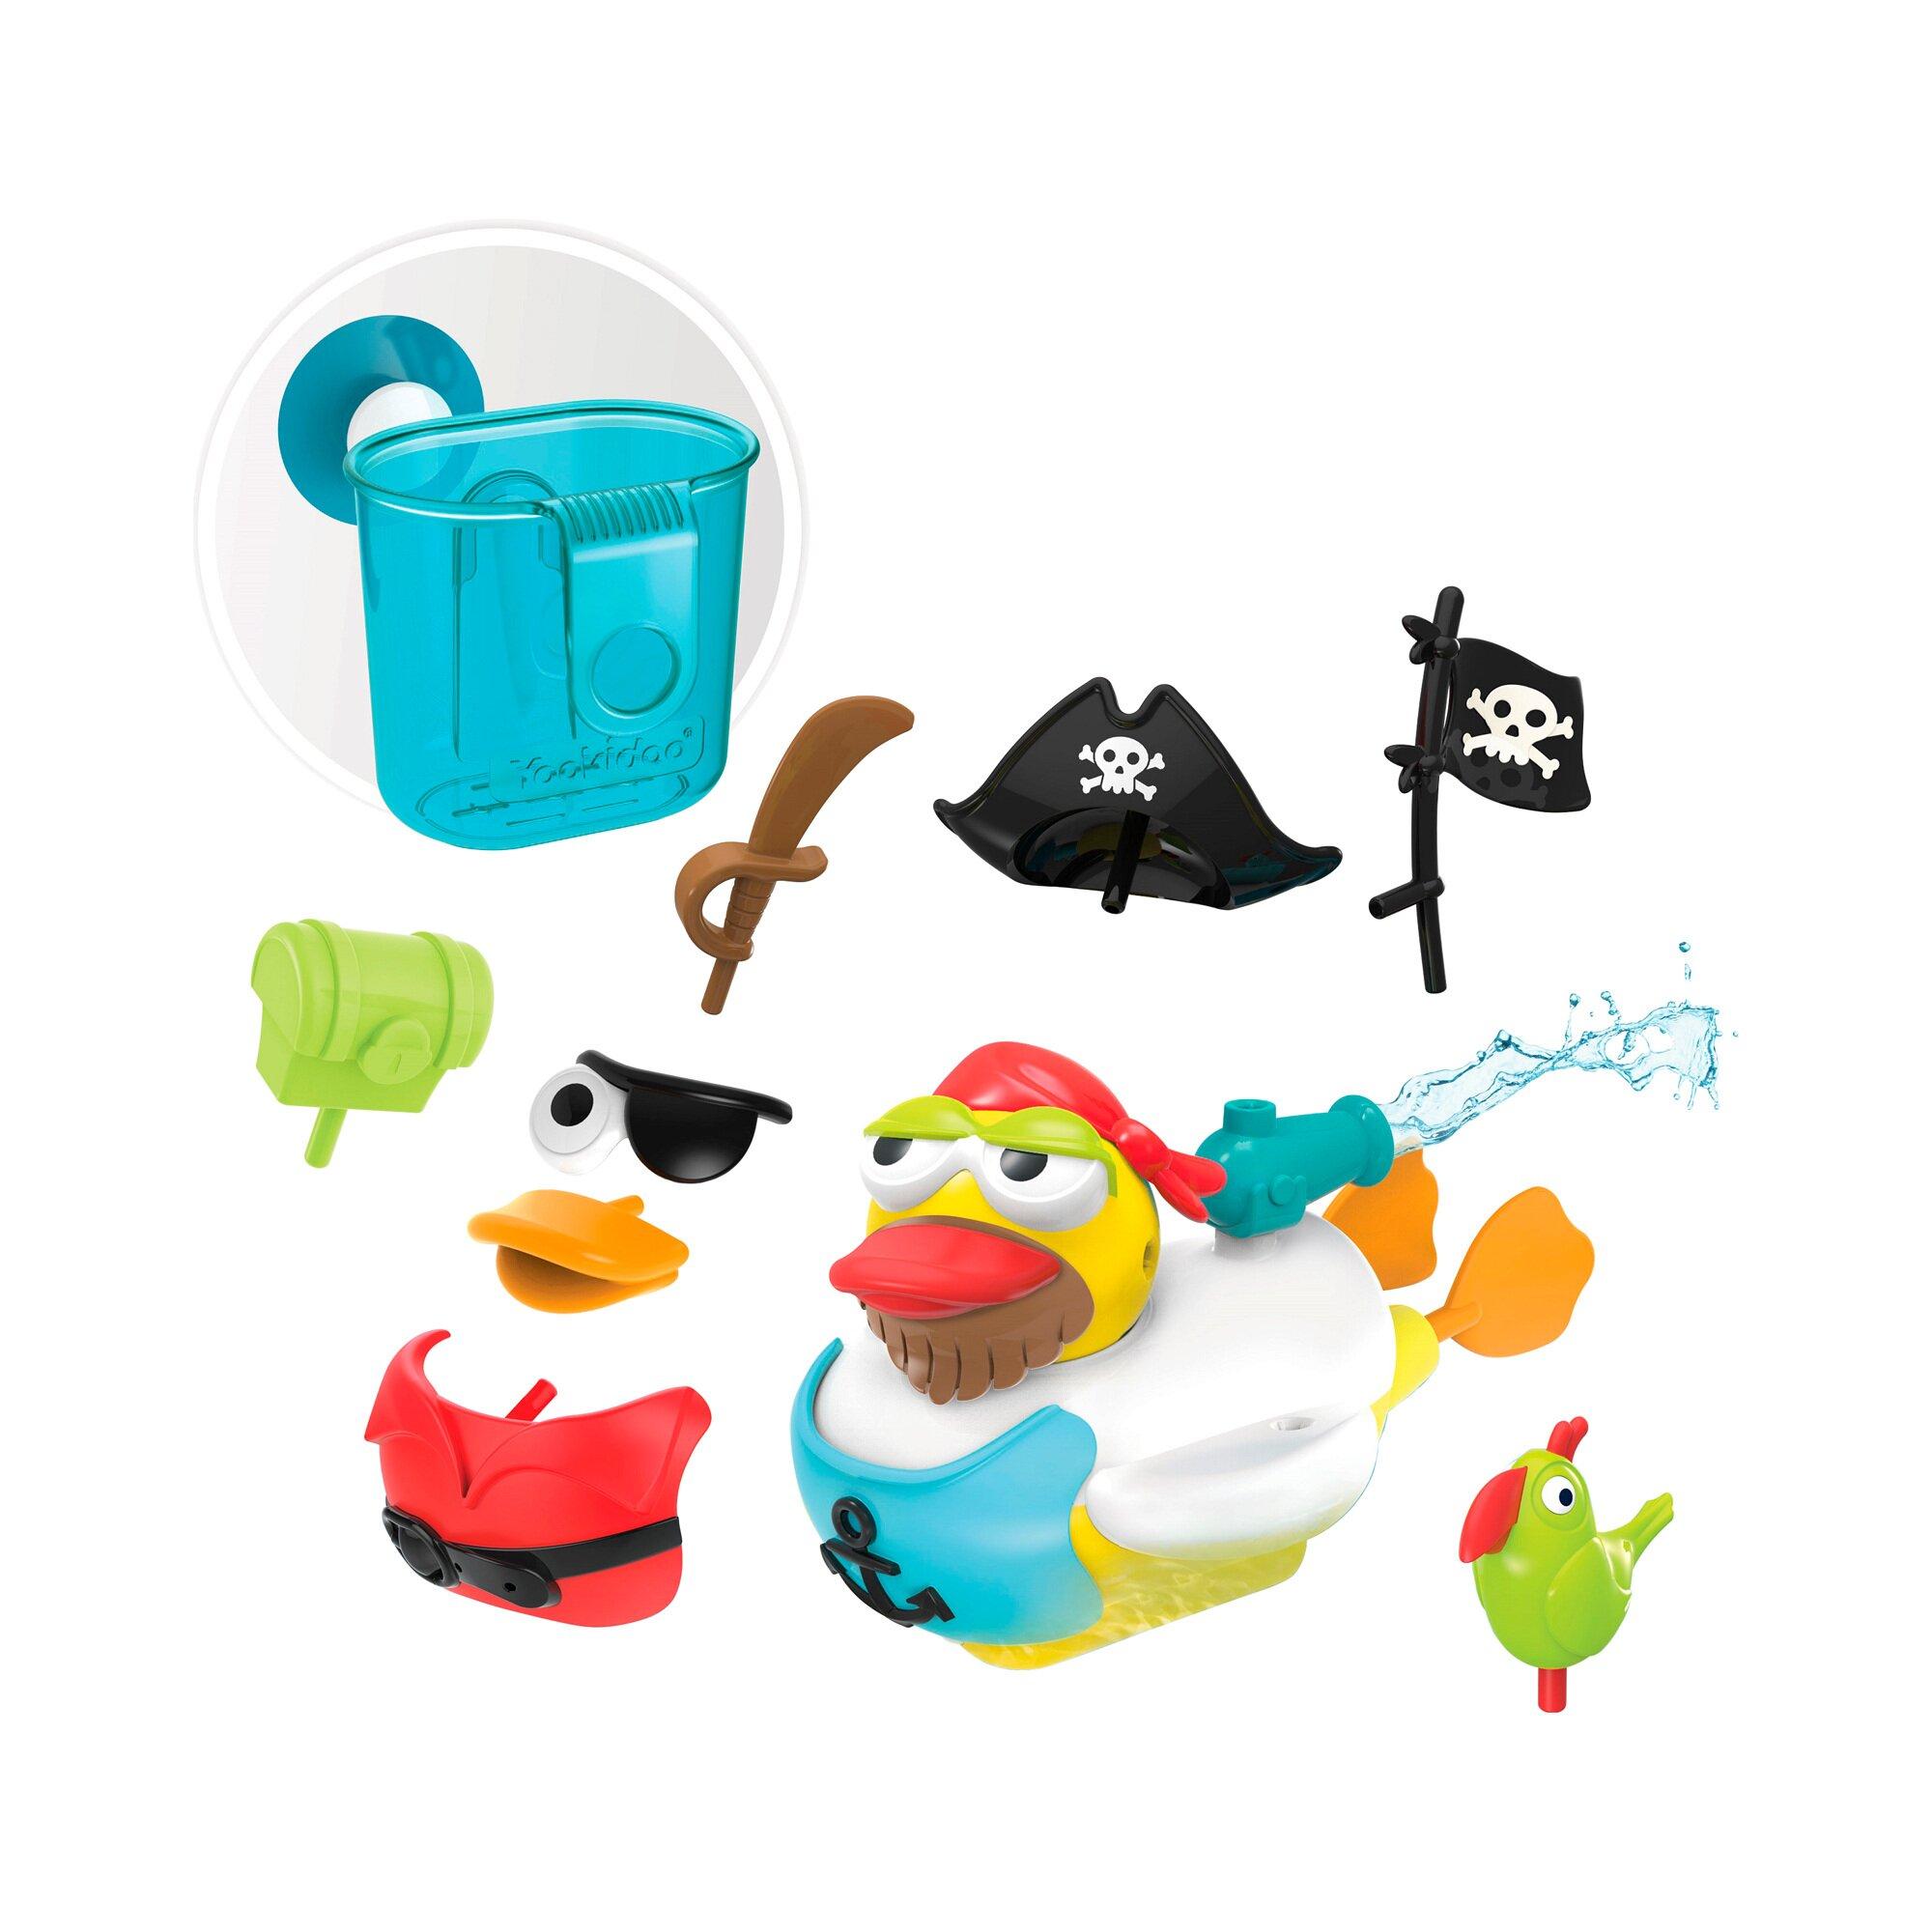 yookidoo-badespielzeug-ente-jet-duck-pirat